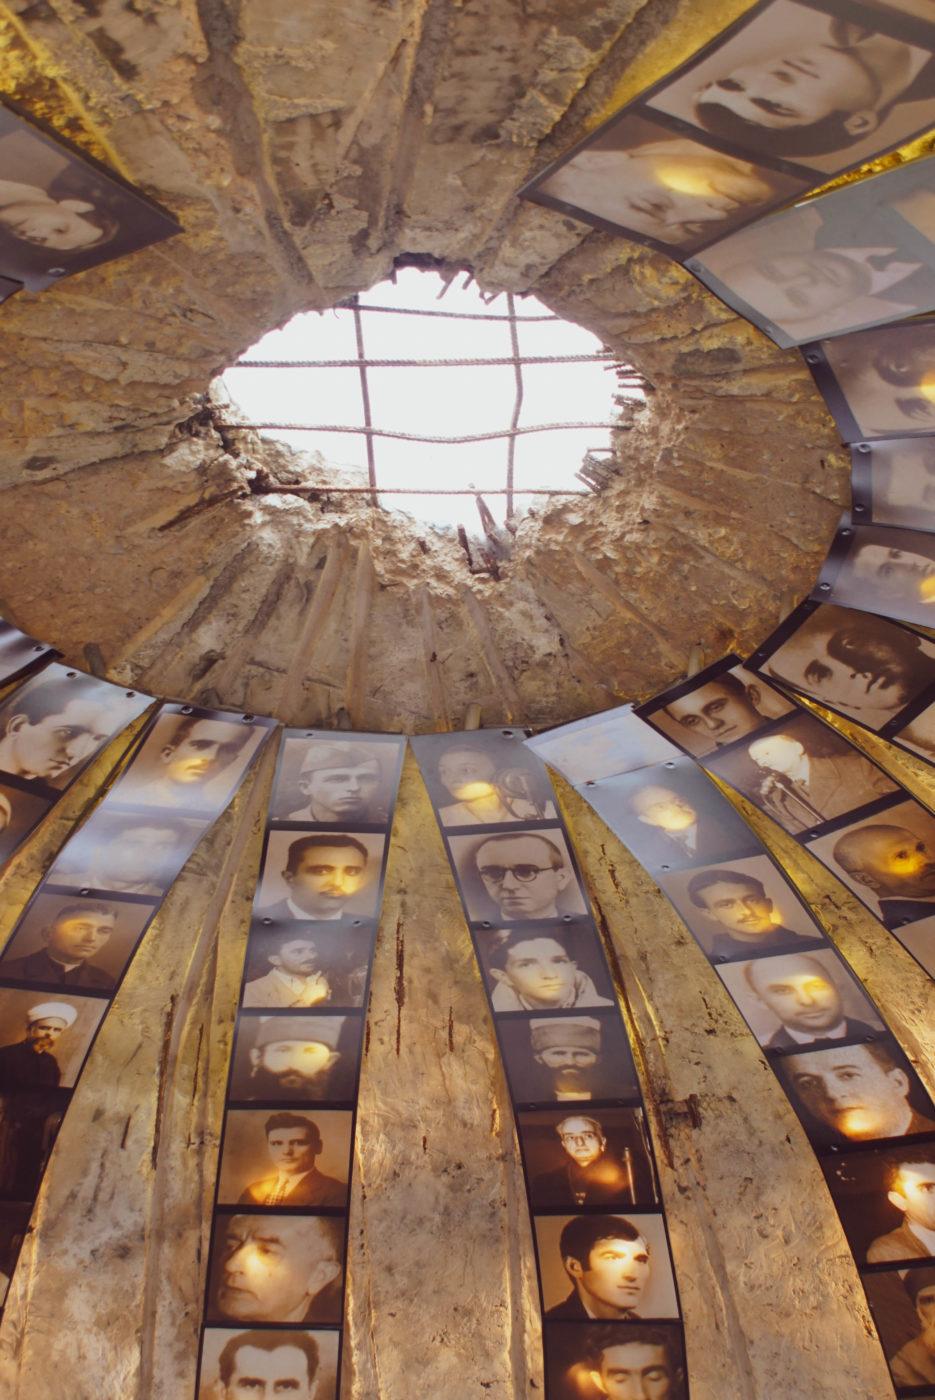 Zu sehen ist der Eingang des Bunkermuseums in Tirana von Innen. An der Bunker decke ist ein Loch im Stahlbeton. Sternförmig von diesem laufen Fotos mit den Opfern von der Decke